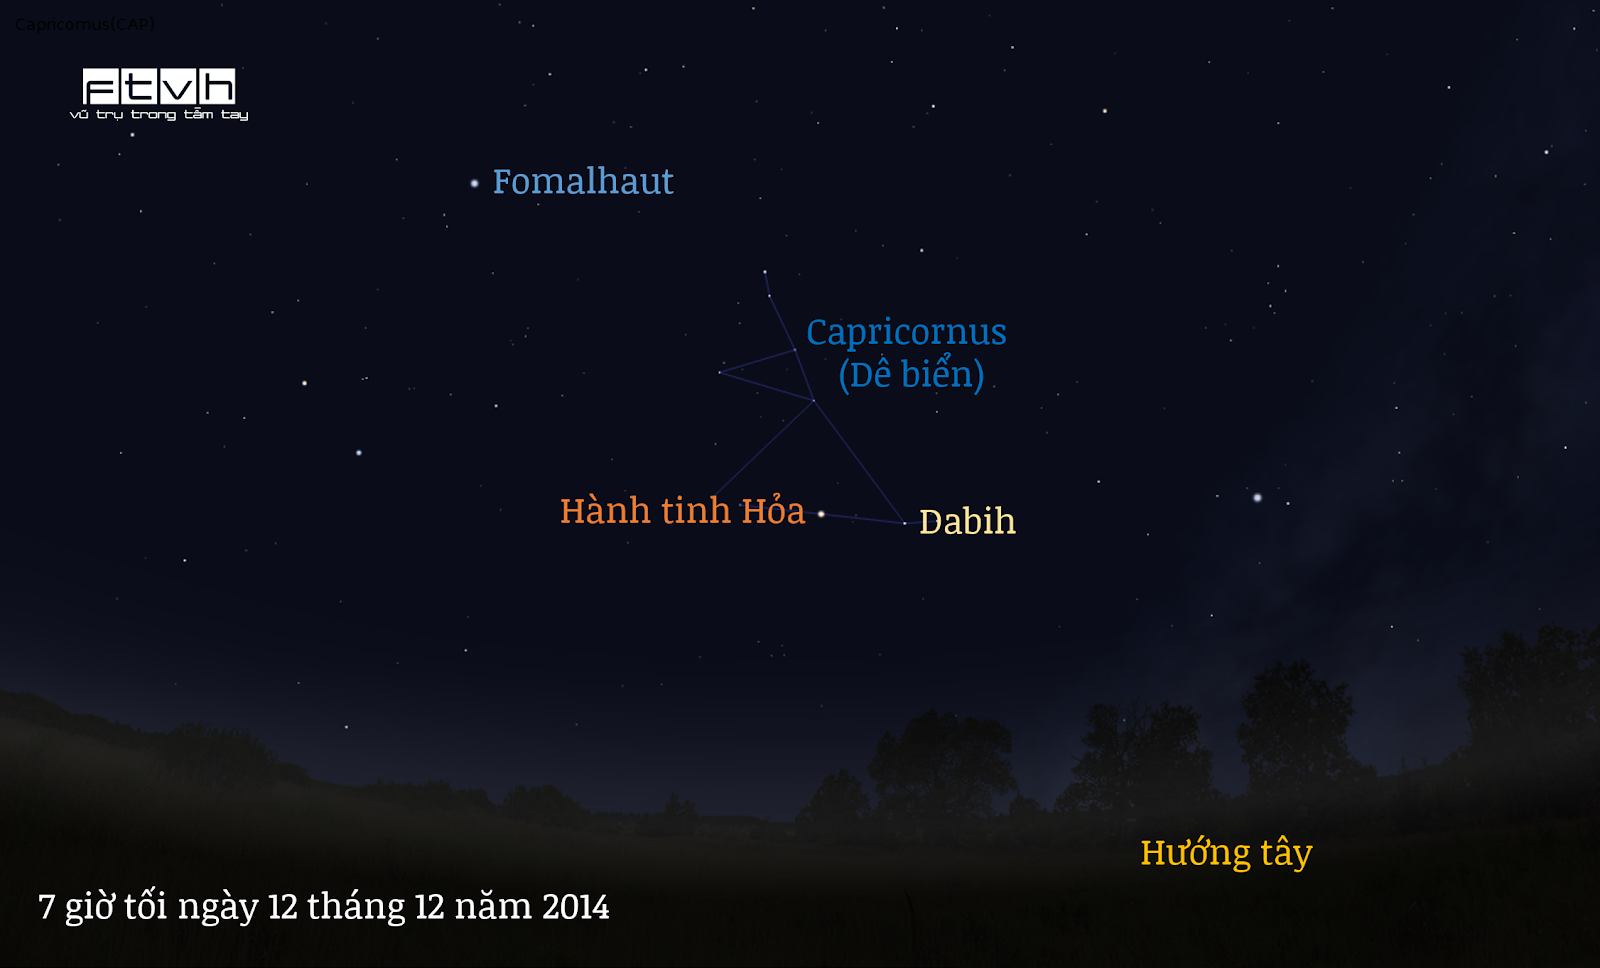 Minh họa bầu trời đêm hướng tây lúc 7 giờ tối ngày 12 tháng 12 năm 2014.